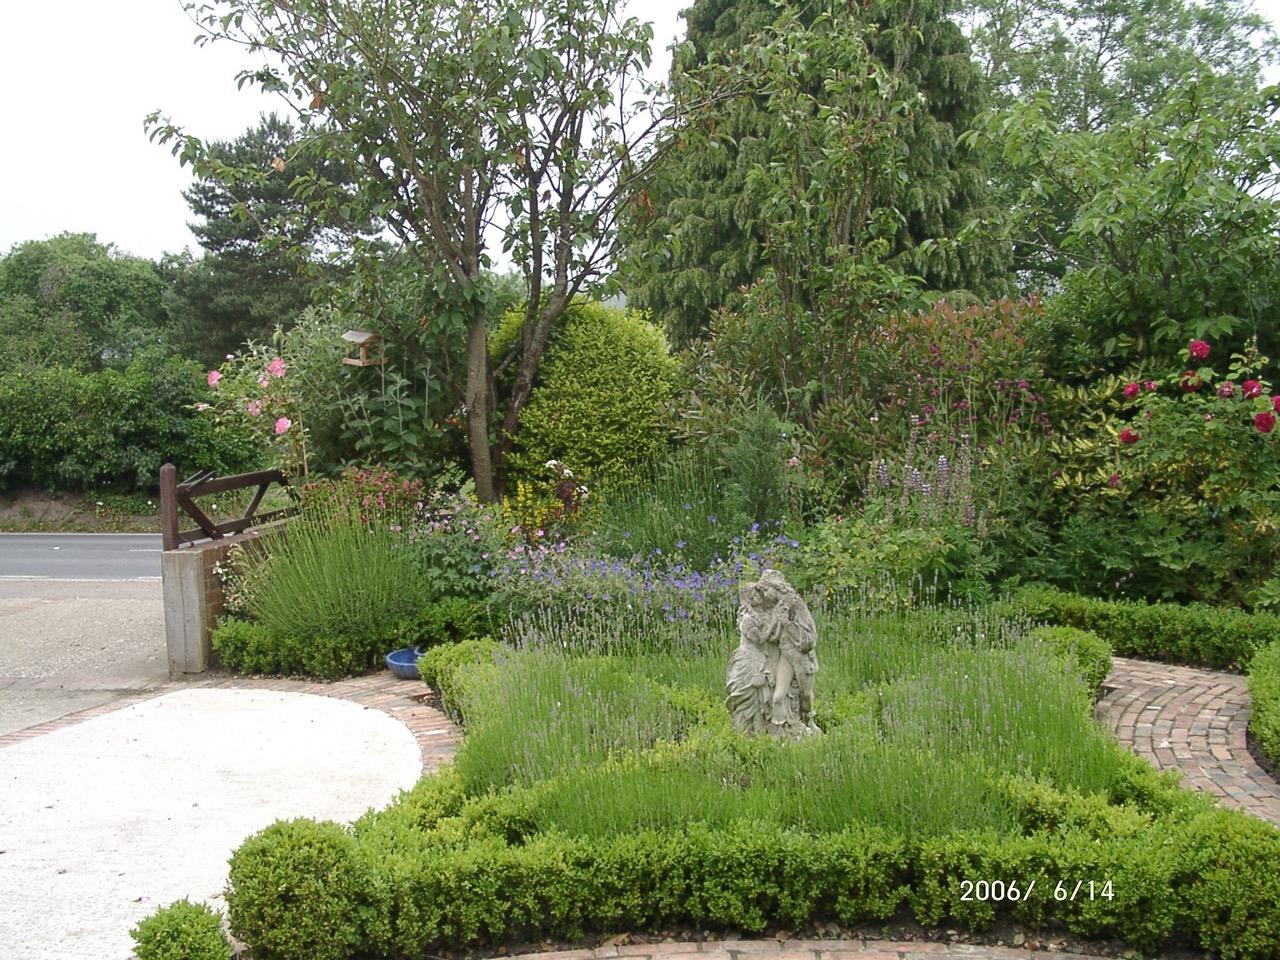 garden jun2006 010-404a4 - Copy